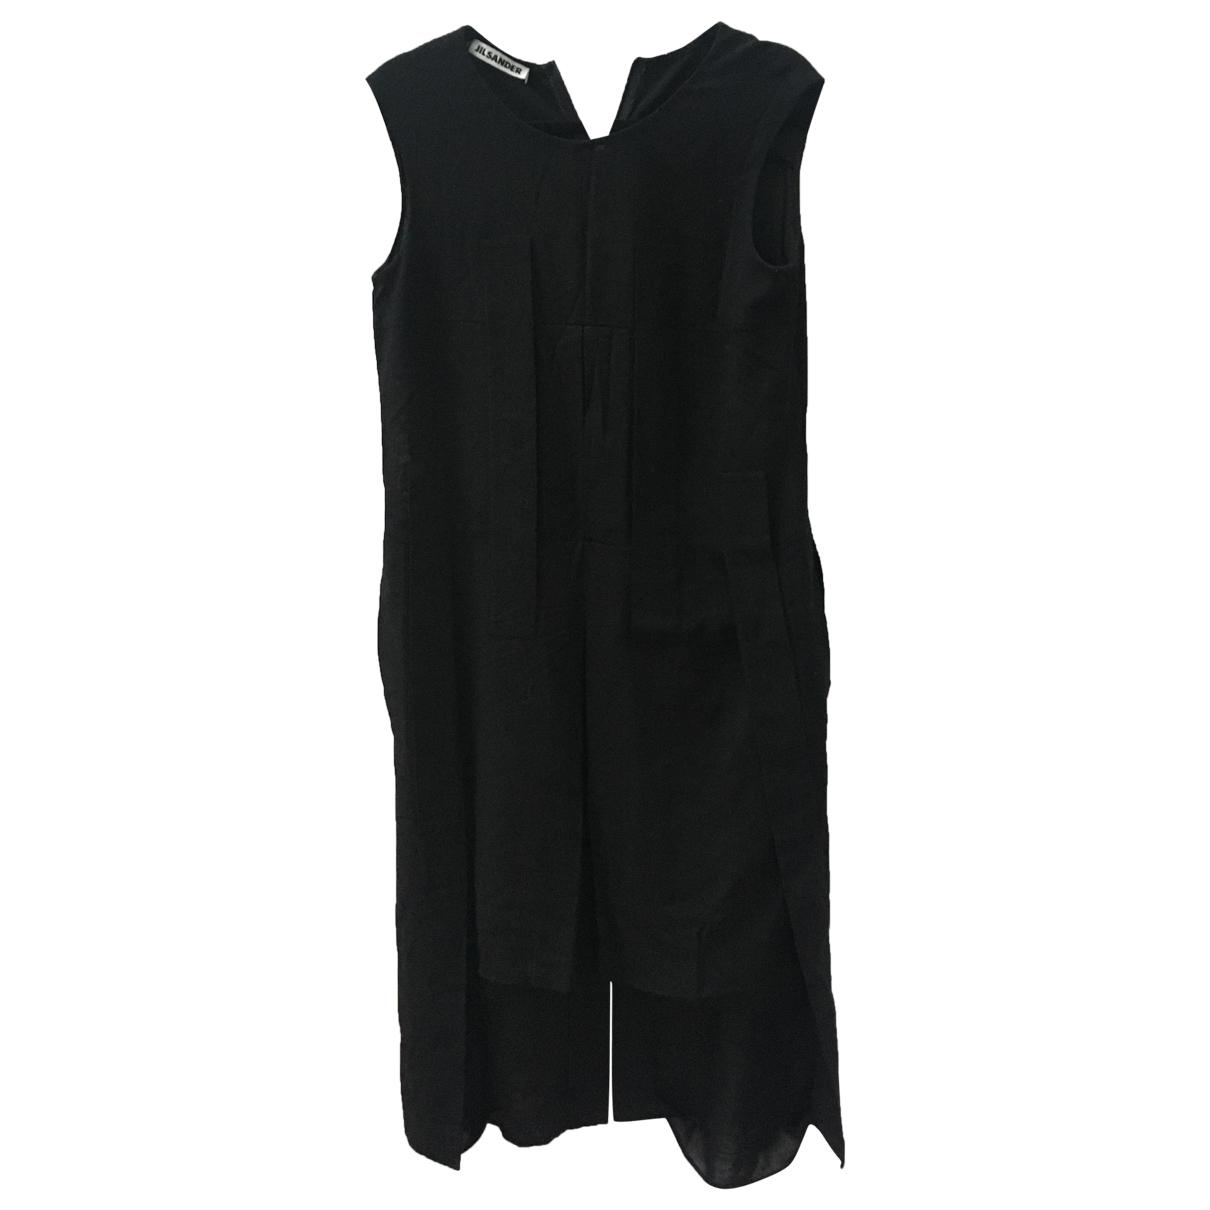 Jil Sander \N Black Wool dress for Women 36 IT